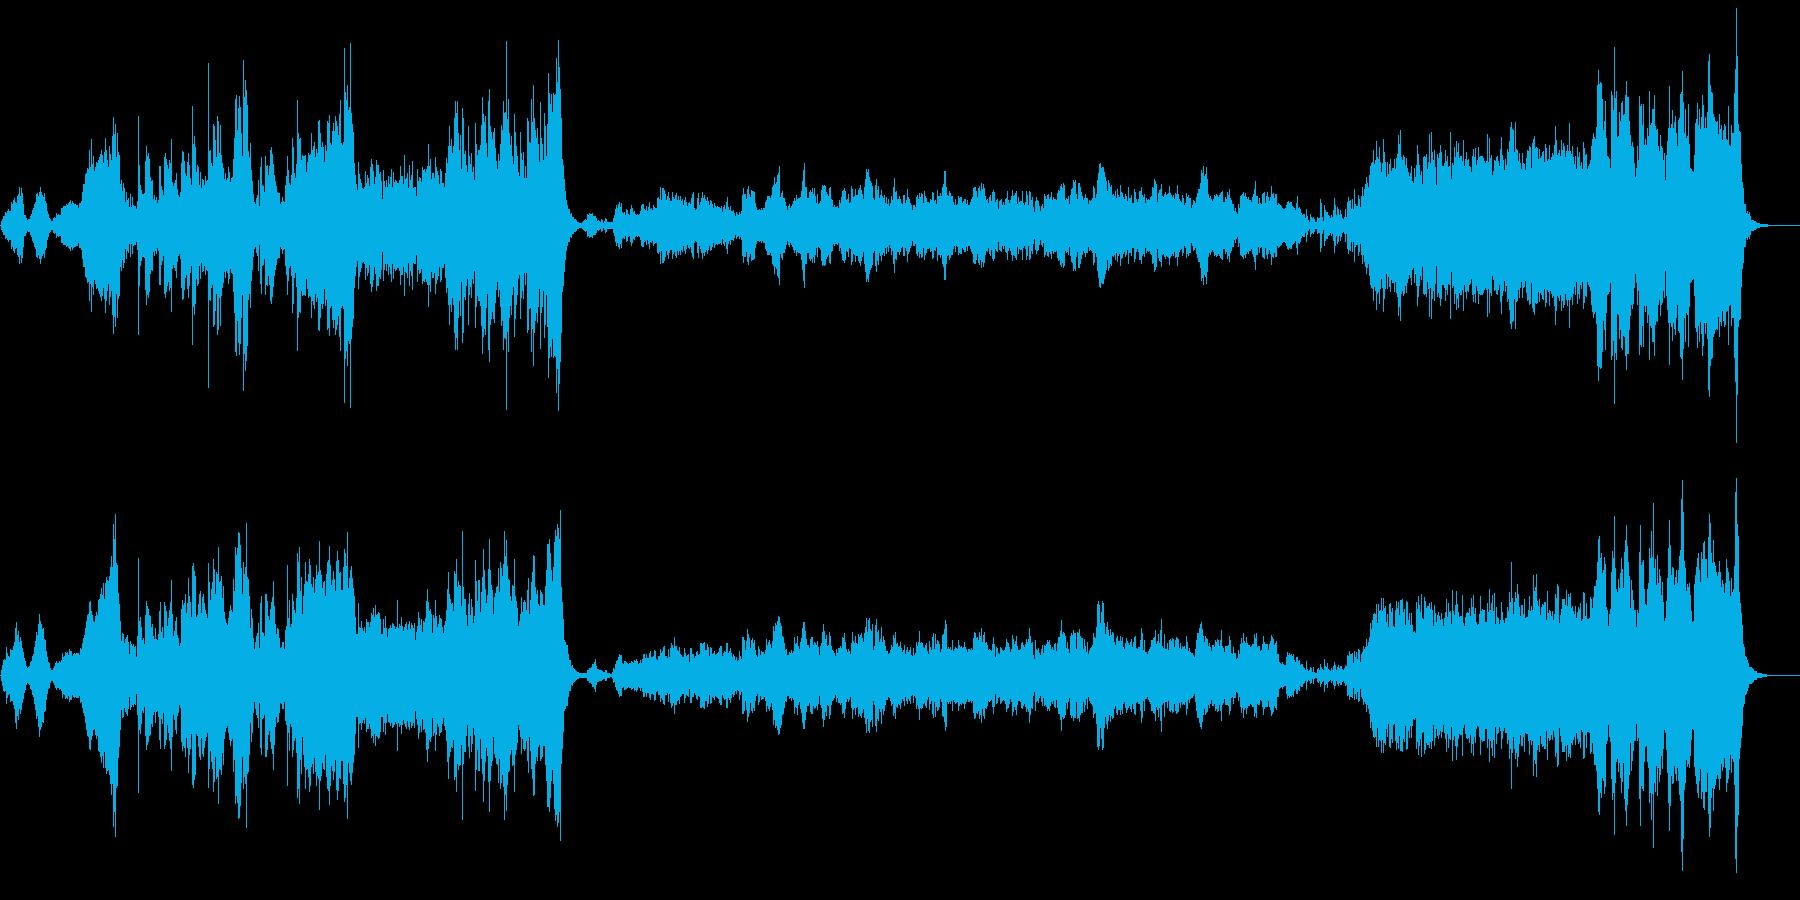 大河ドラマのような和風オーケストラ楽曲の再生済みの波形